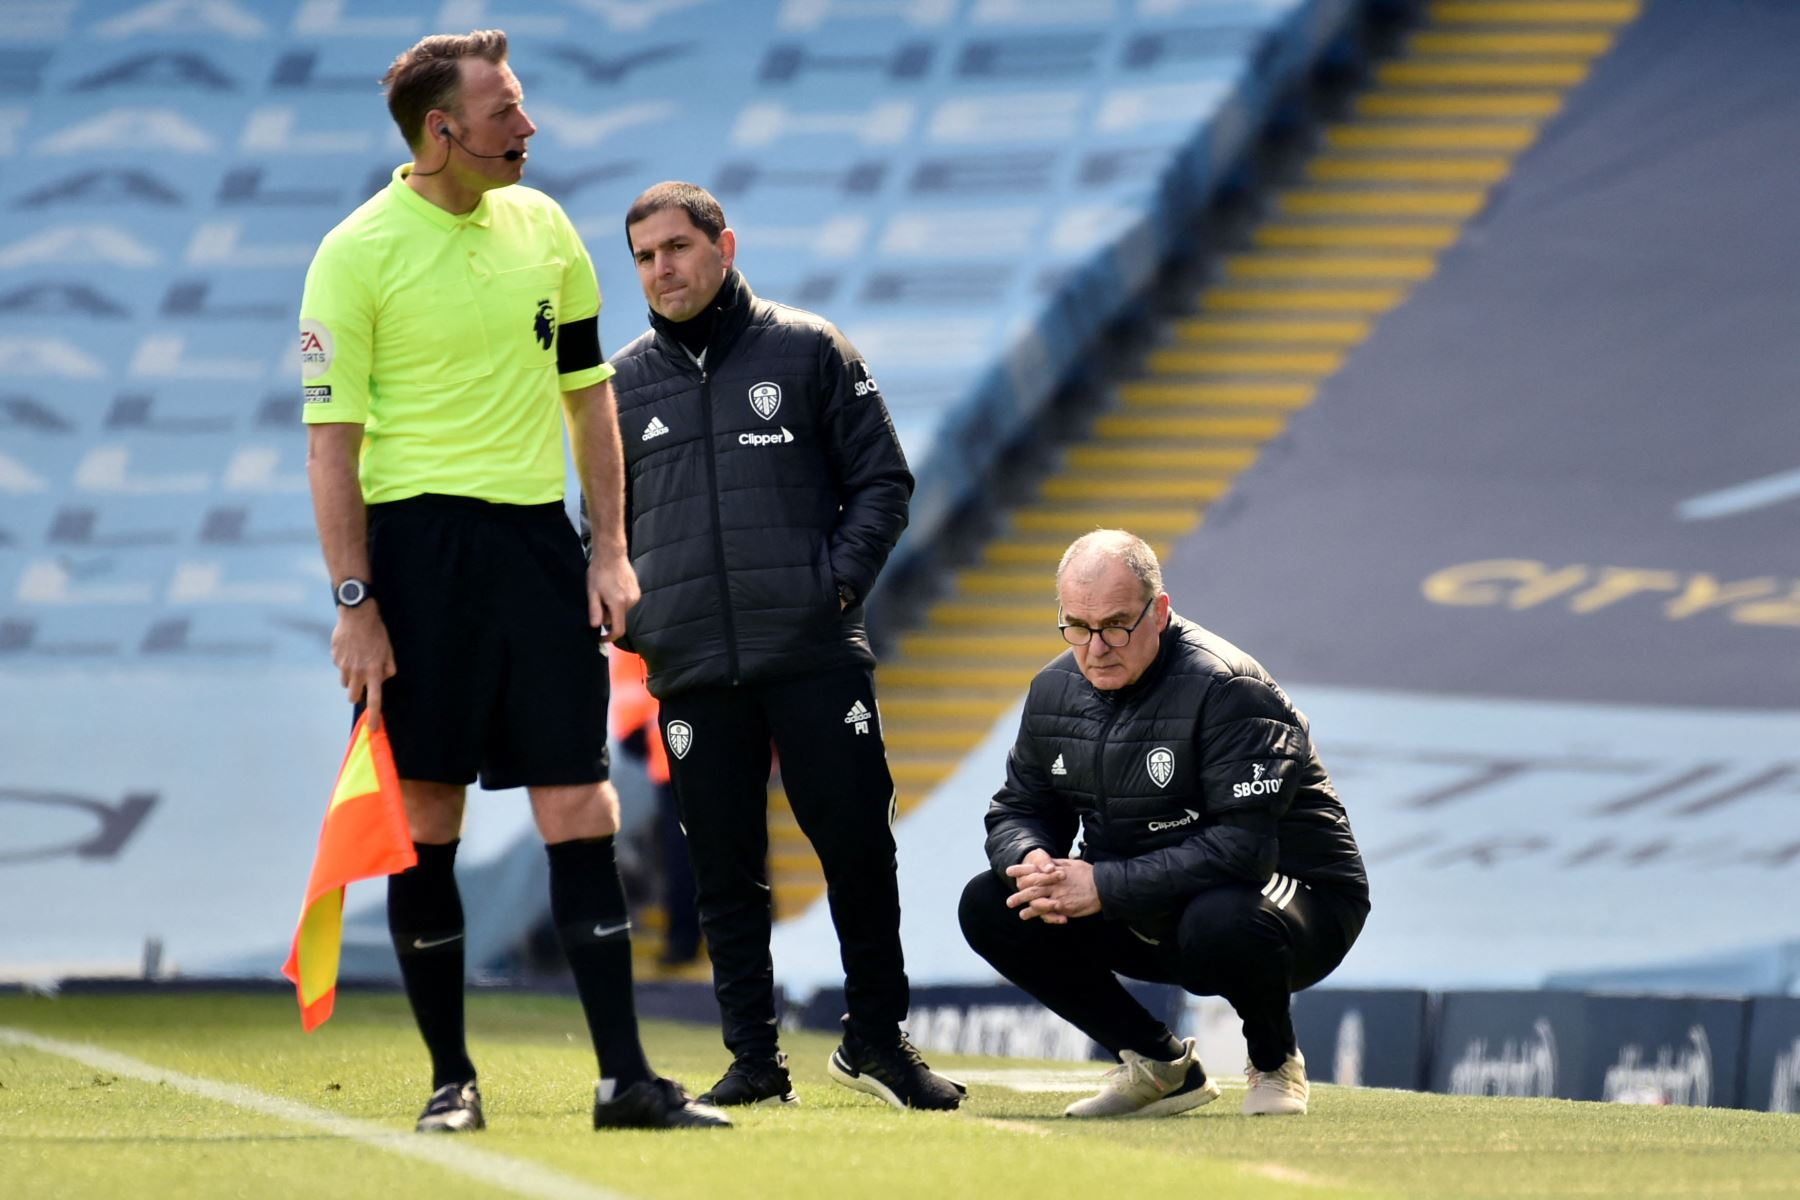 El entrenador argentino del Leeds United, Marcelo Bielsa, observa el partido de fútbol de la Premier League inglesa entre el Manchester City y el Leeds United. Foto: AFP